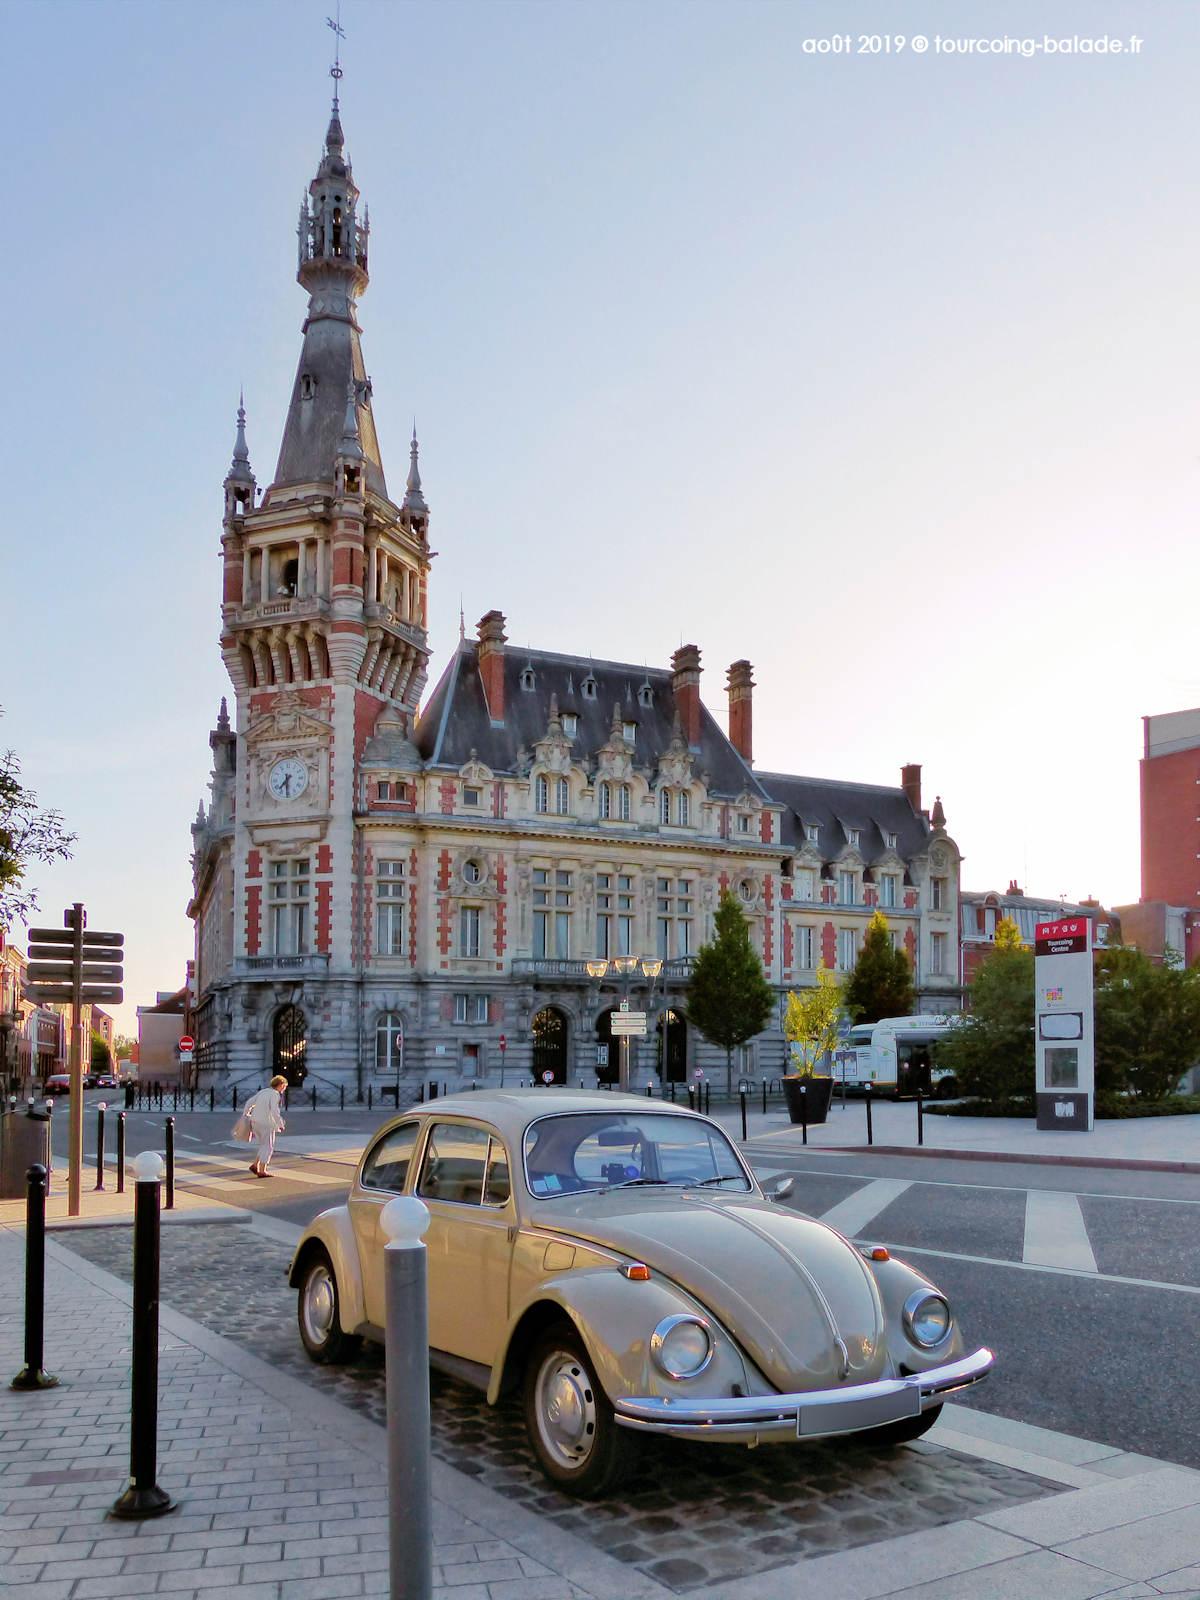 Coccinelle VW, Beffroi de Tourcoing 2019